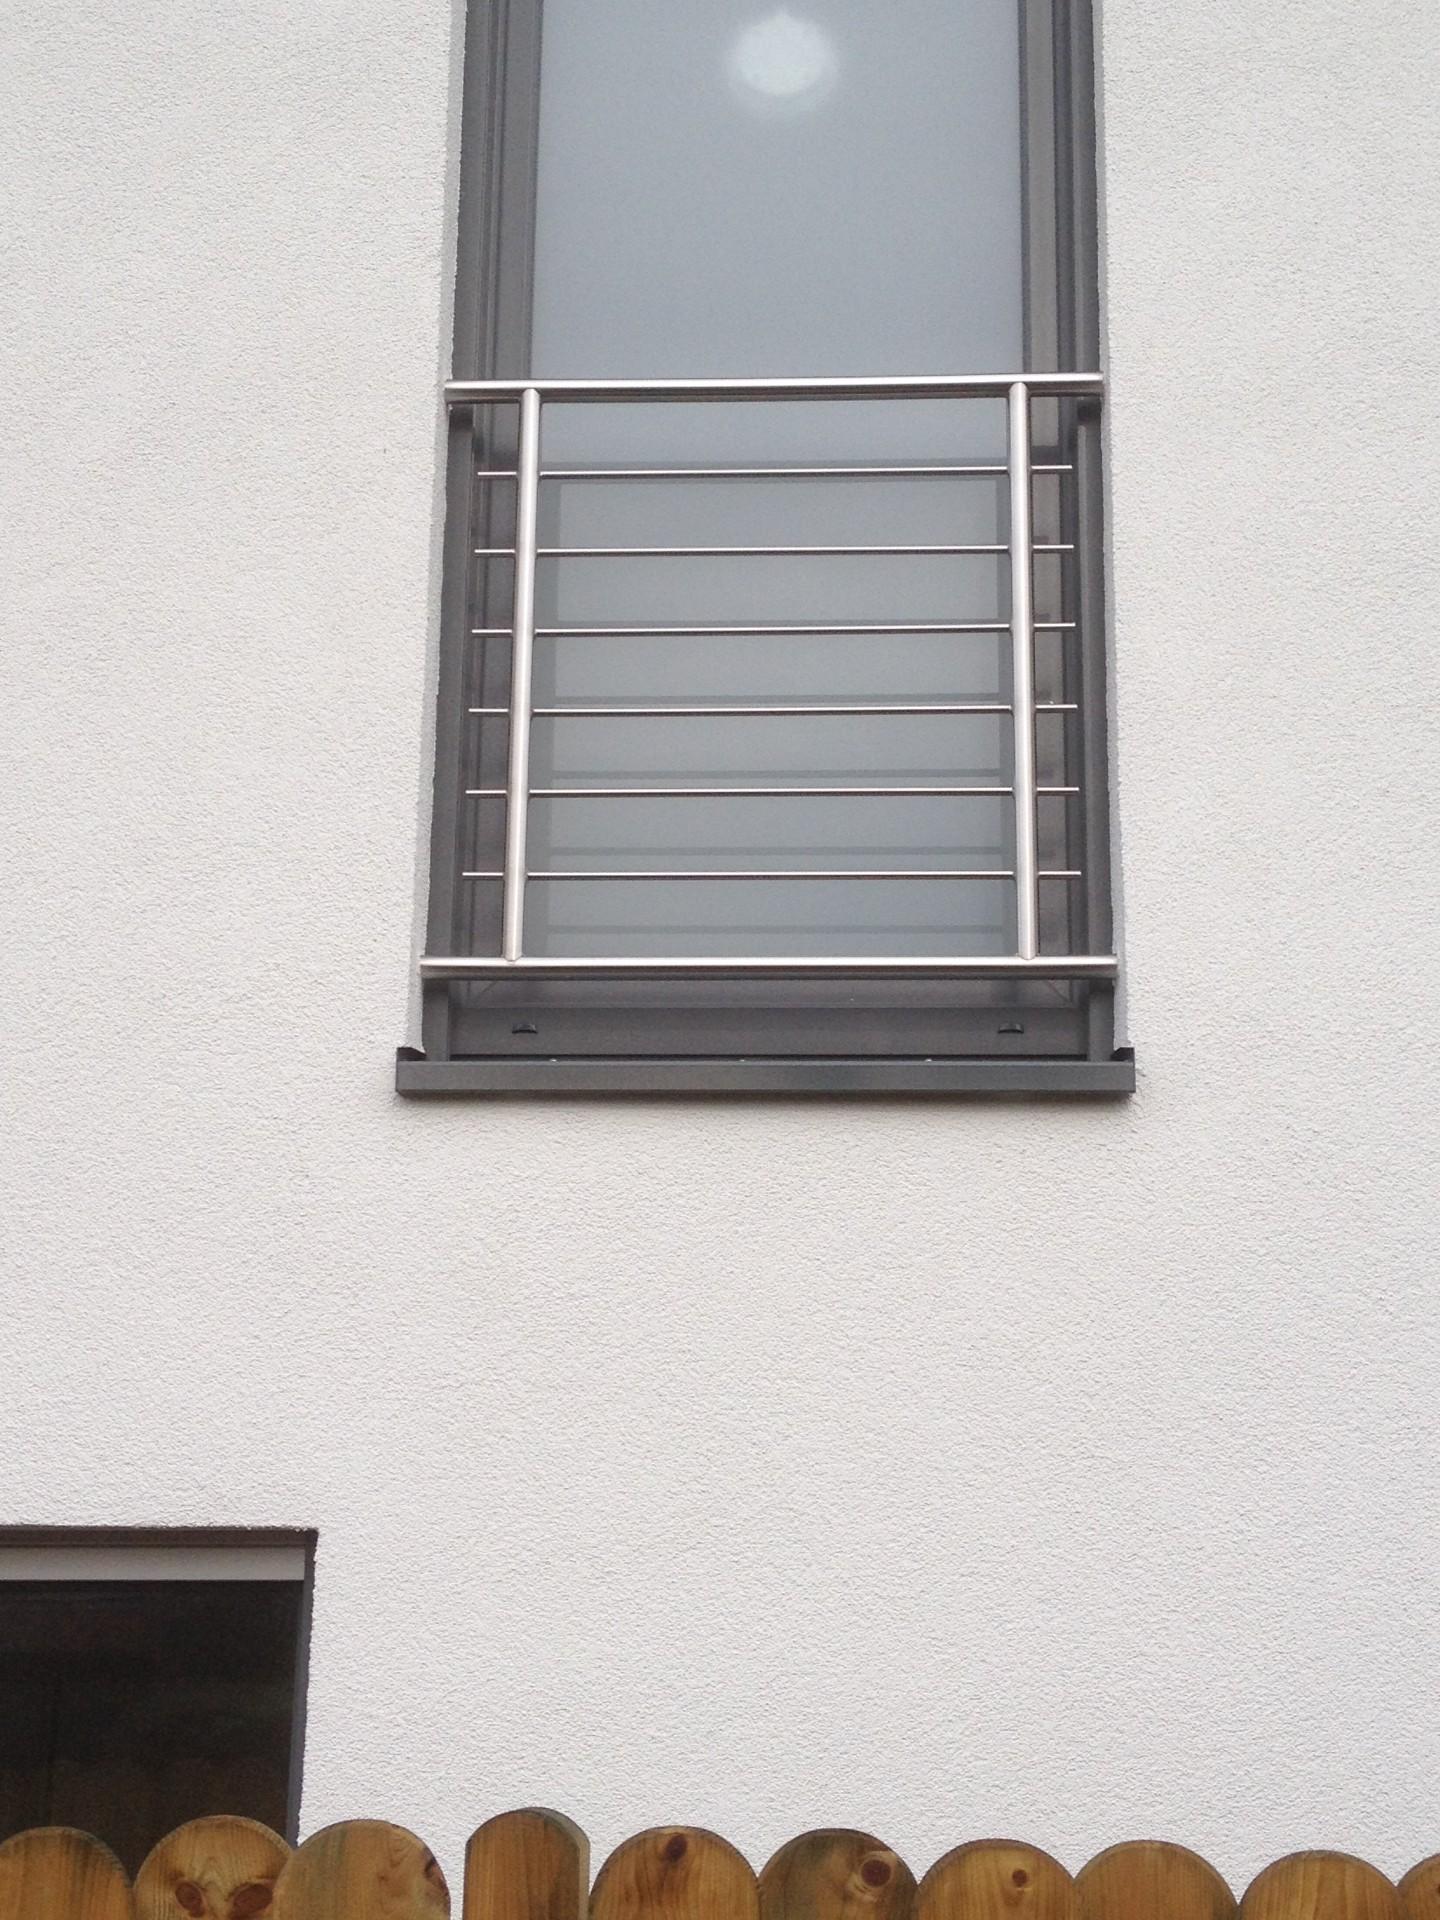 Full Size of Absturzsicherung Fenster Fenstergitter Teleskopstange Jemako Einbruchsicherung Tauschen Mit Sprossen Dreh Kipp 120x120 Sichtschutz Einbauen Polnische Fenster Absturzsicherung Fenster